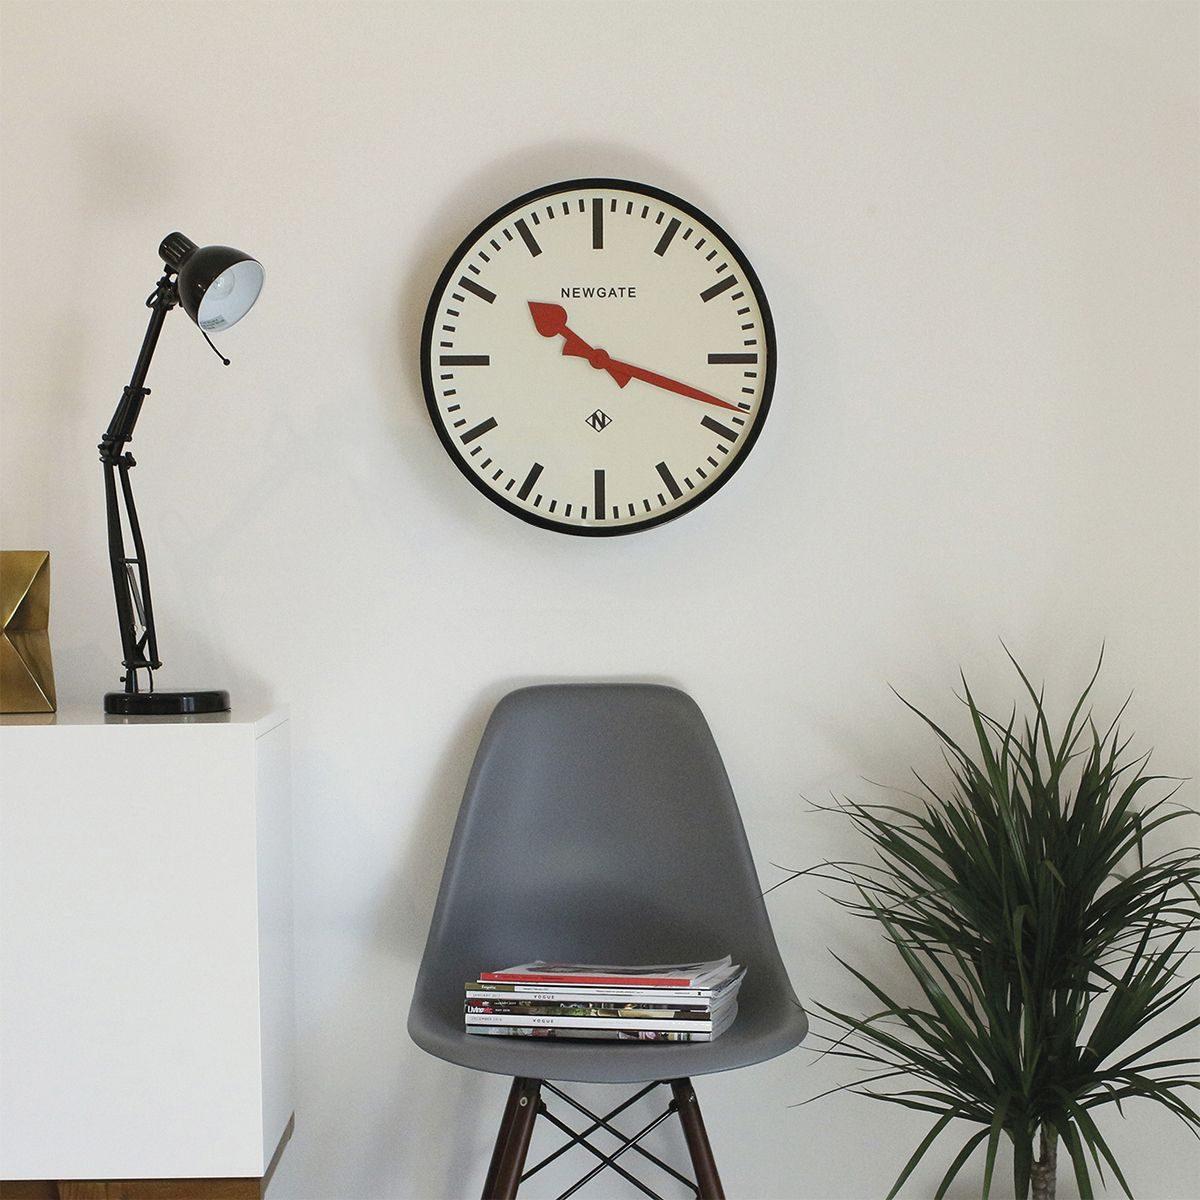 9black-by-design-ltd_newgate-putney-wall-clock-black-1200x1200.jpg